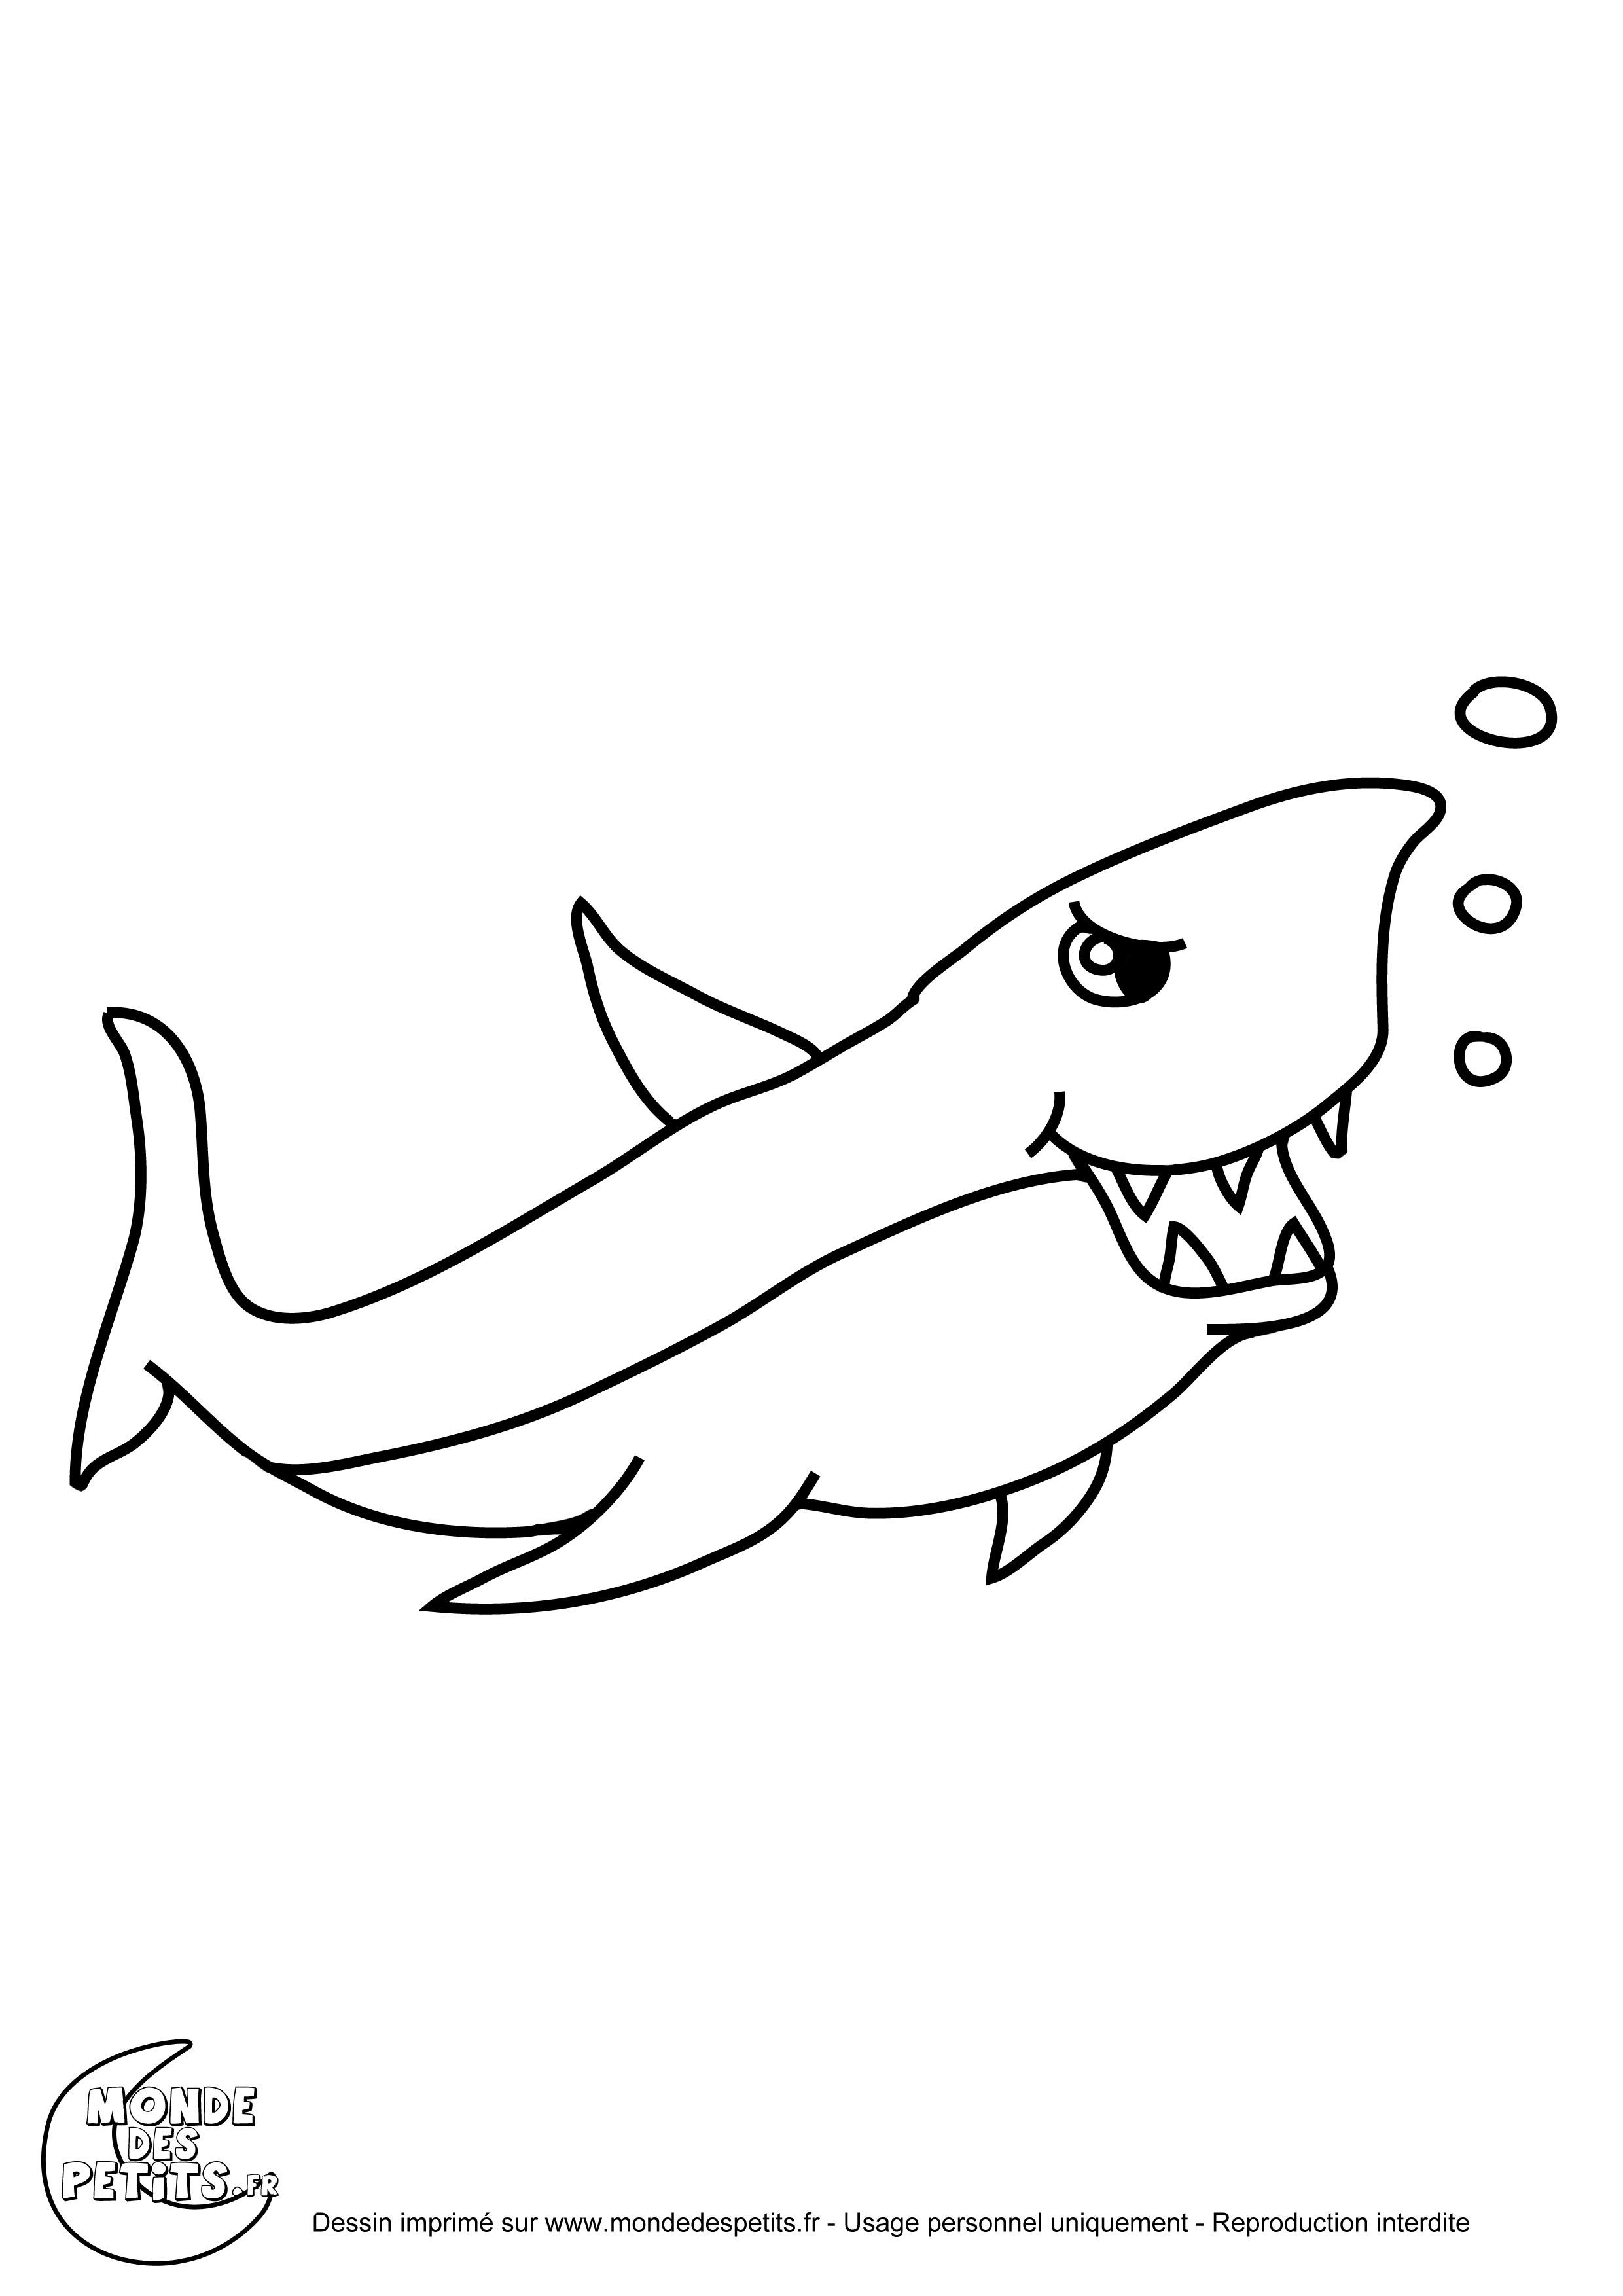 Monde des petits coloriages imprimer - Coloriage requin a imprimer ...